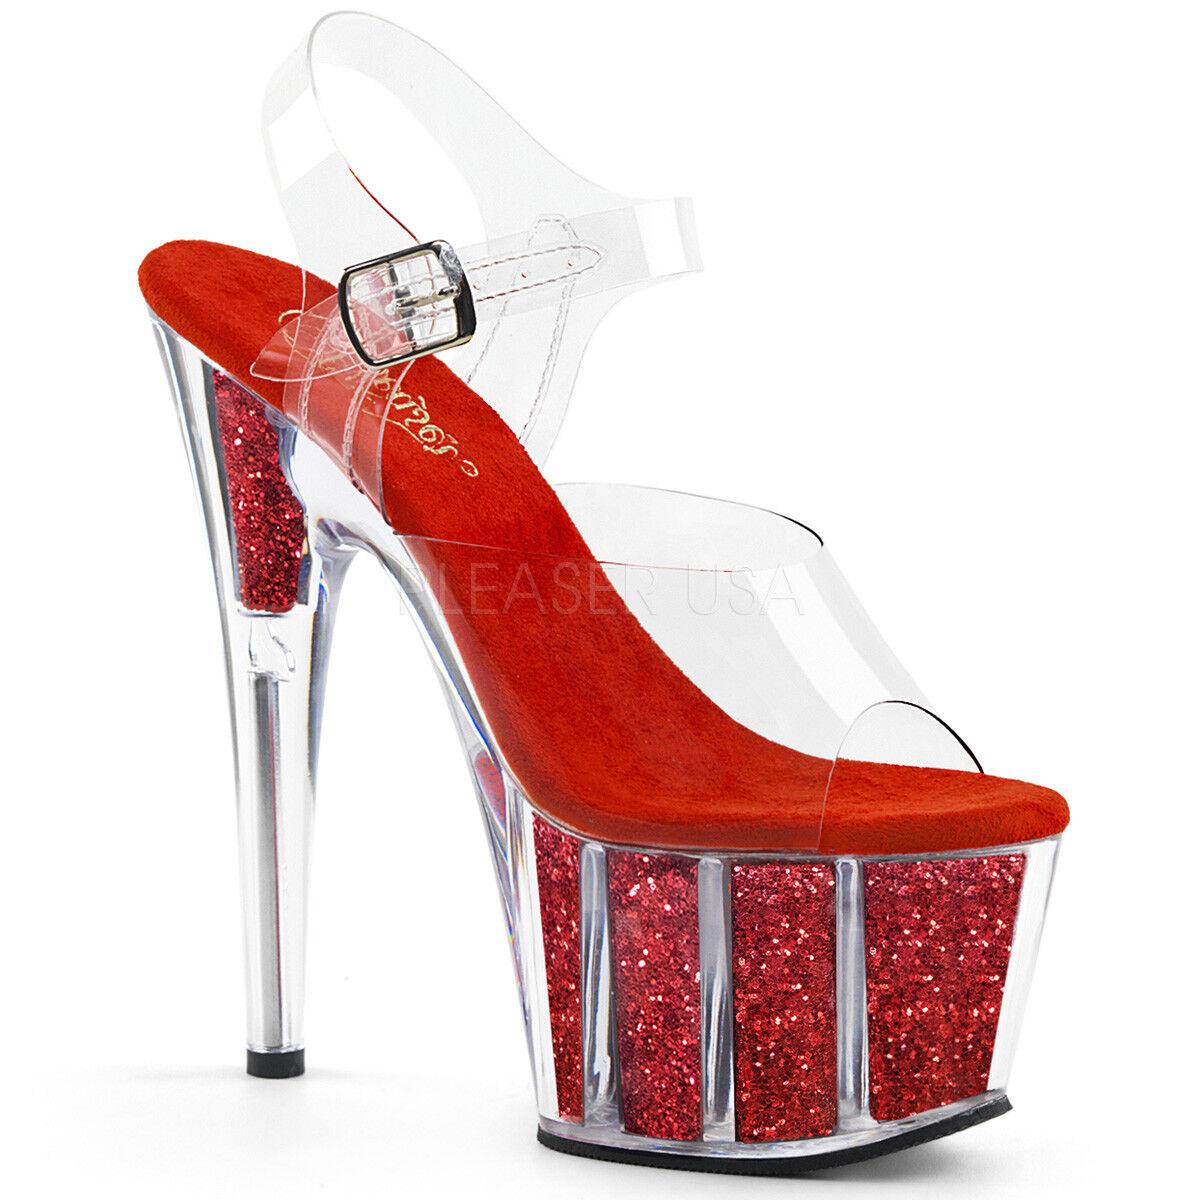 PLEASER ADORE 708G ROT GLITTER PLATFORM POLE DANCING SANDALS Schuhe